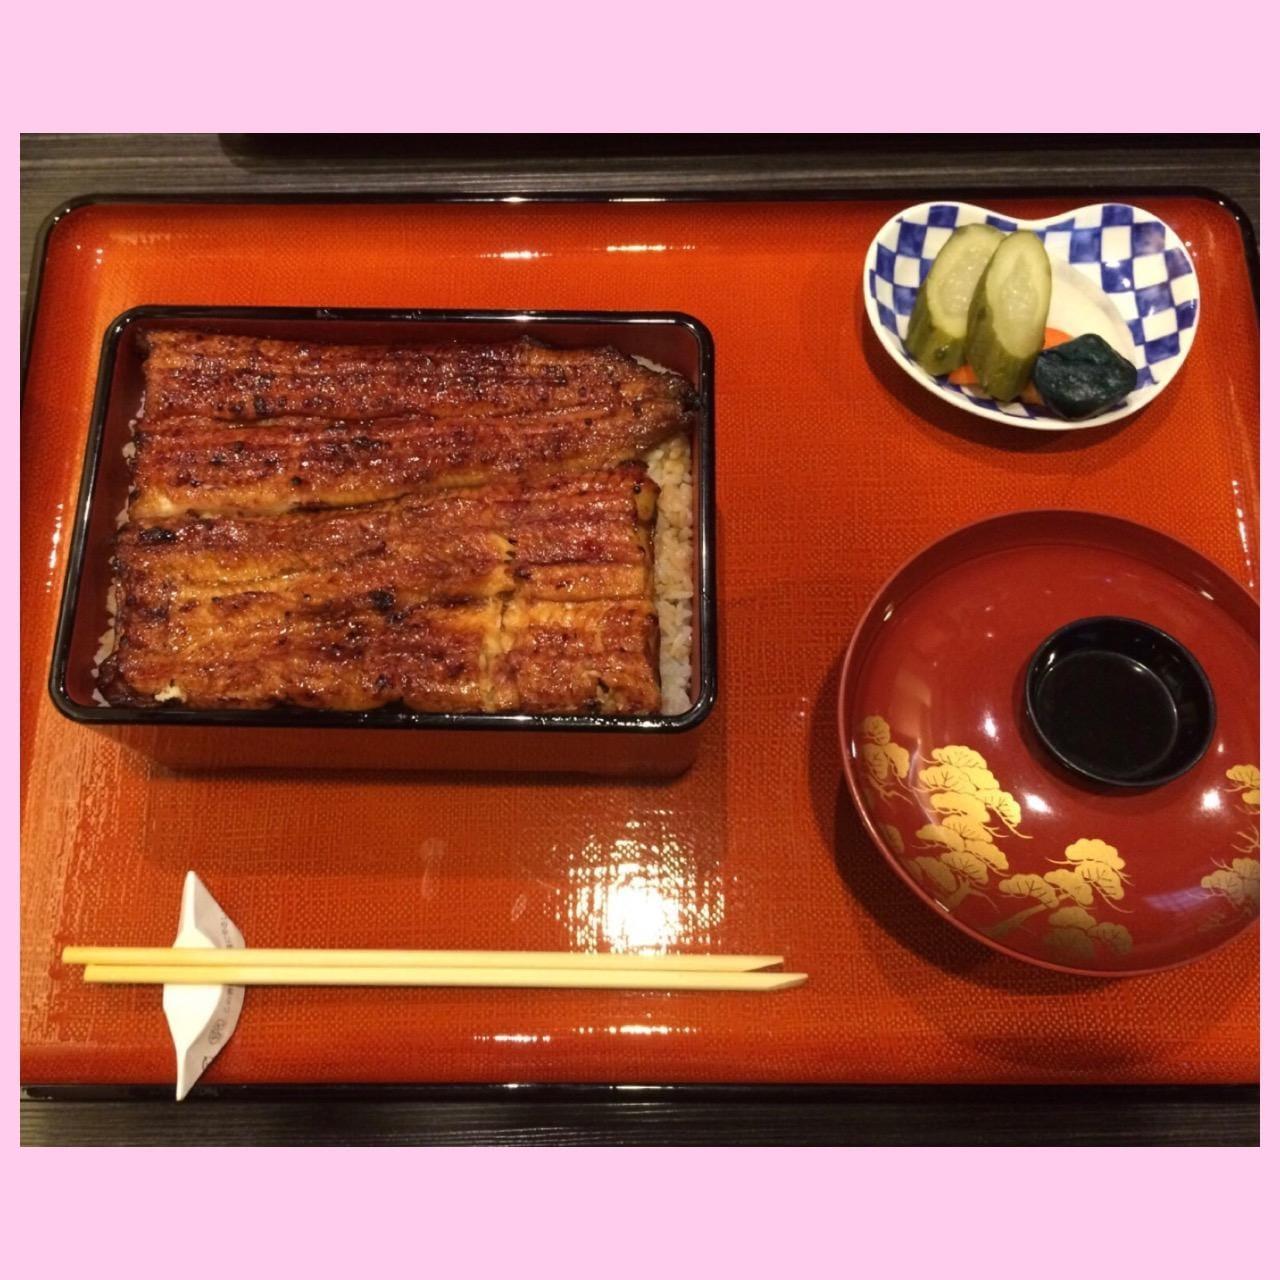 「うまうま♡(๑¯꒳¯๑)」05/19(土) 20:44 | レムの写メ・風俗動画